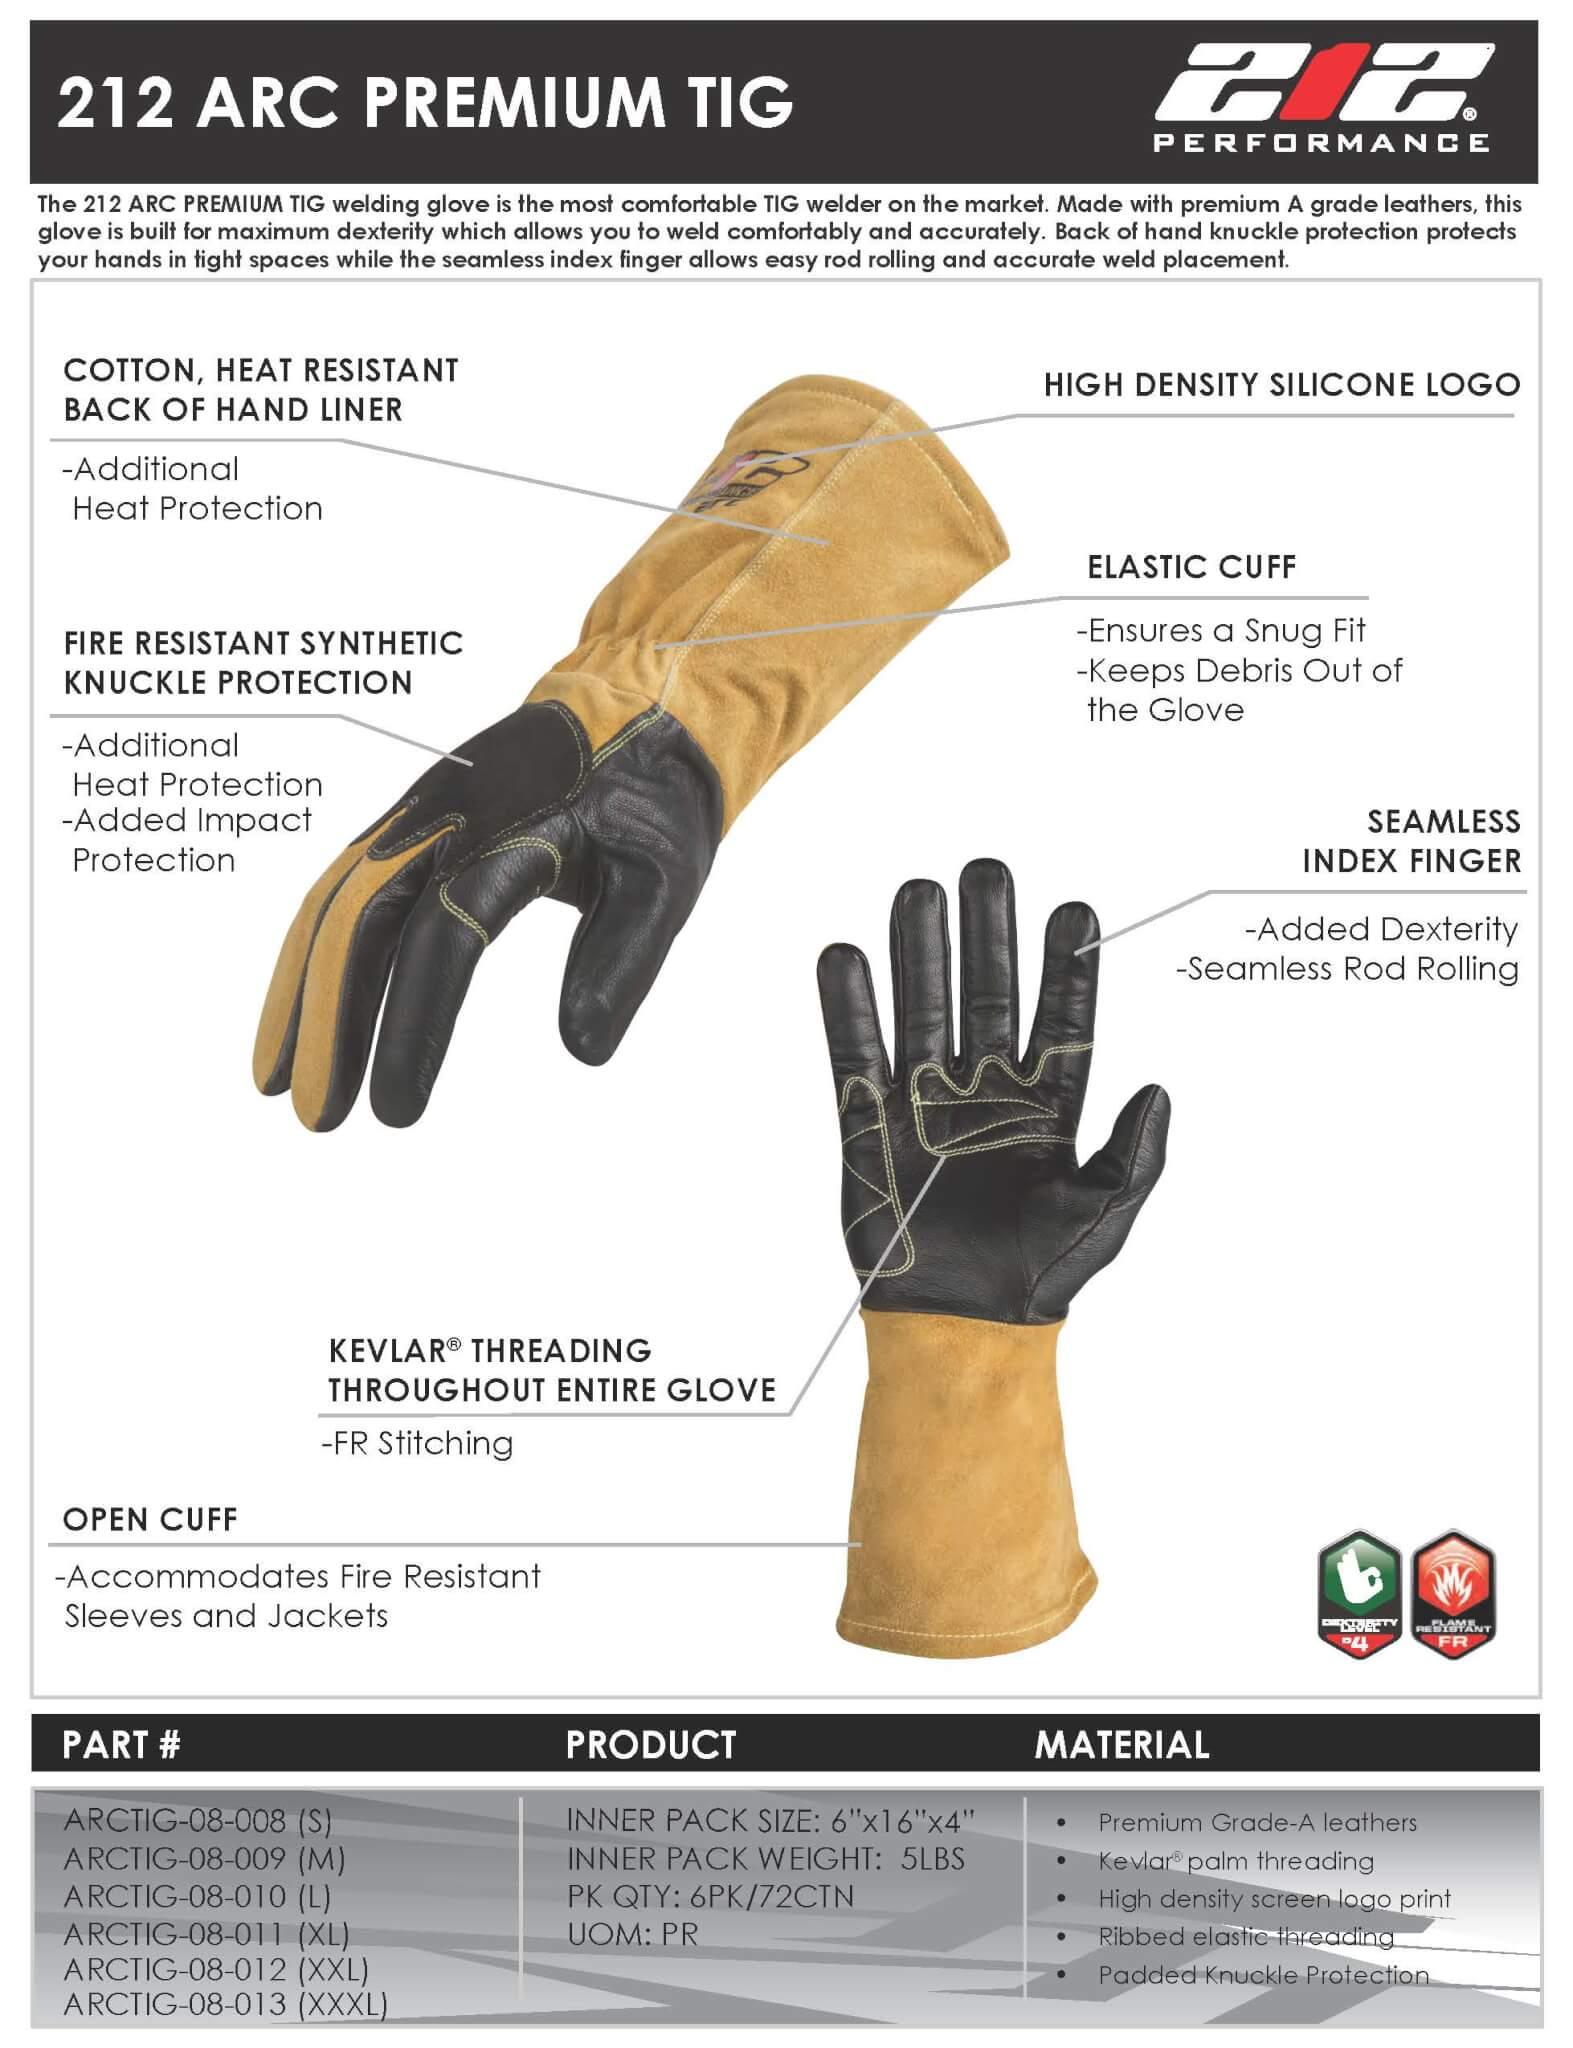 212 ARC Premium TIG Welding Gloves